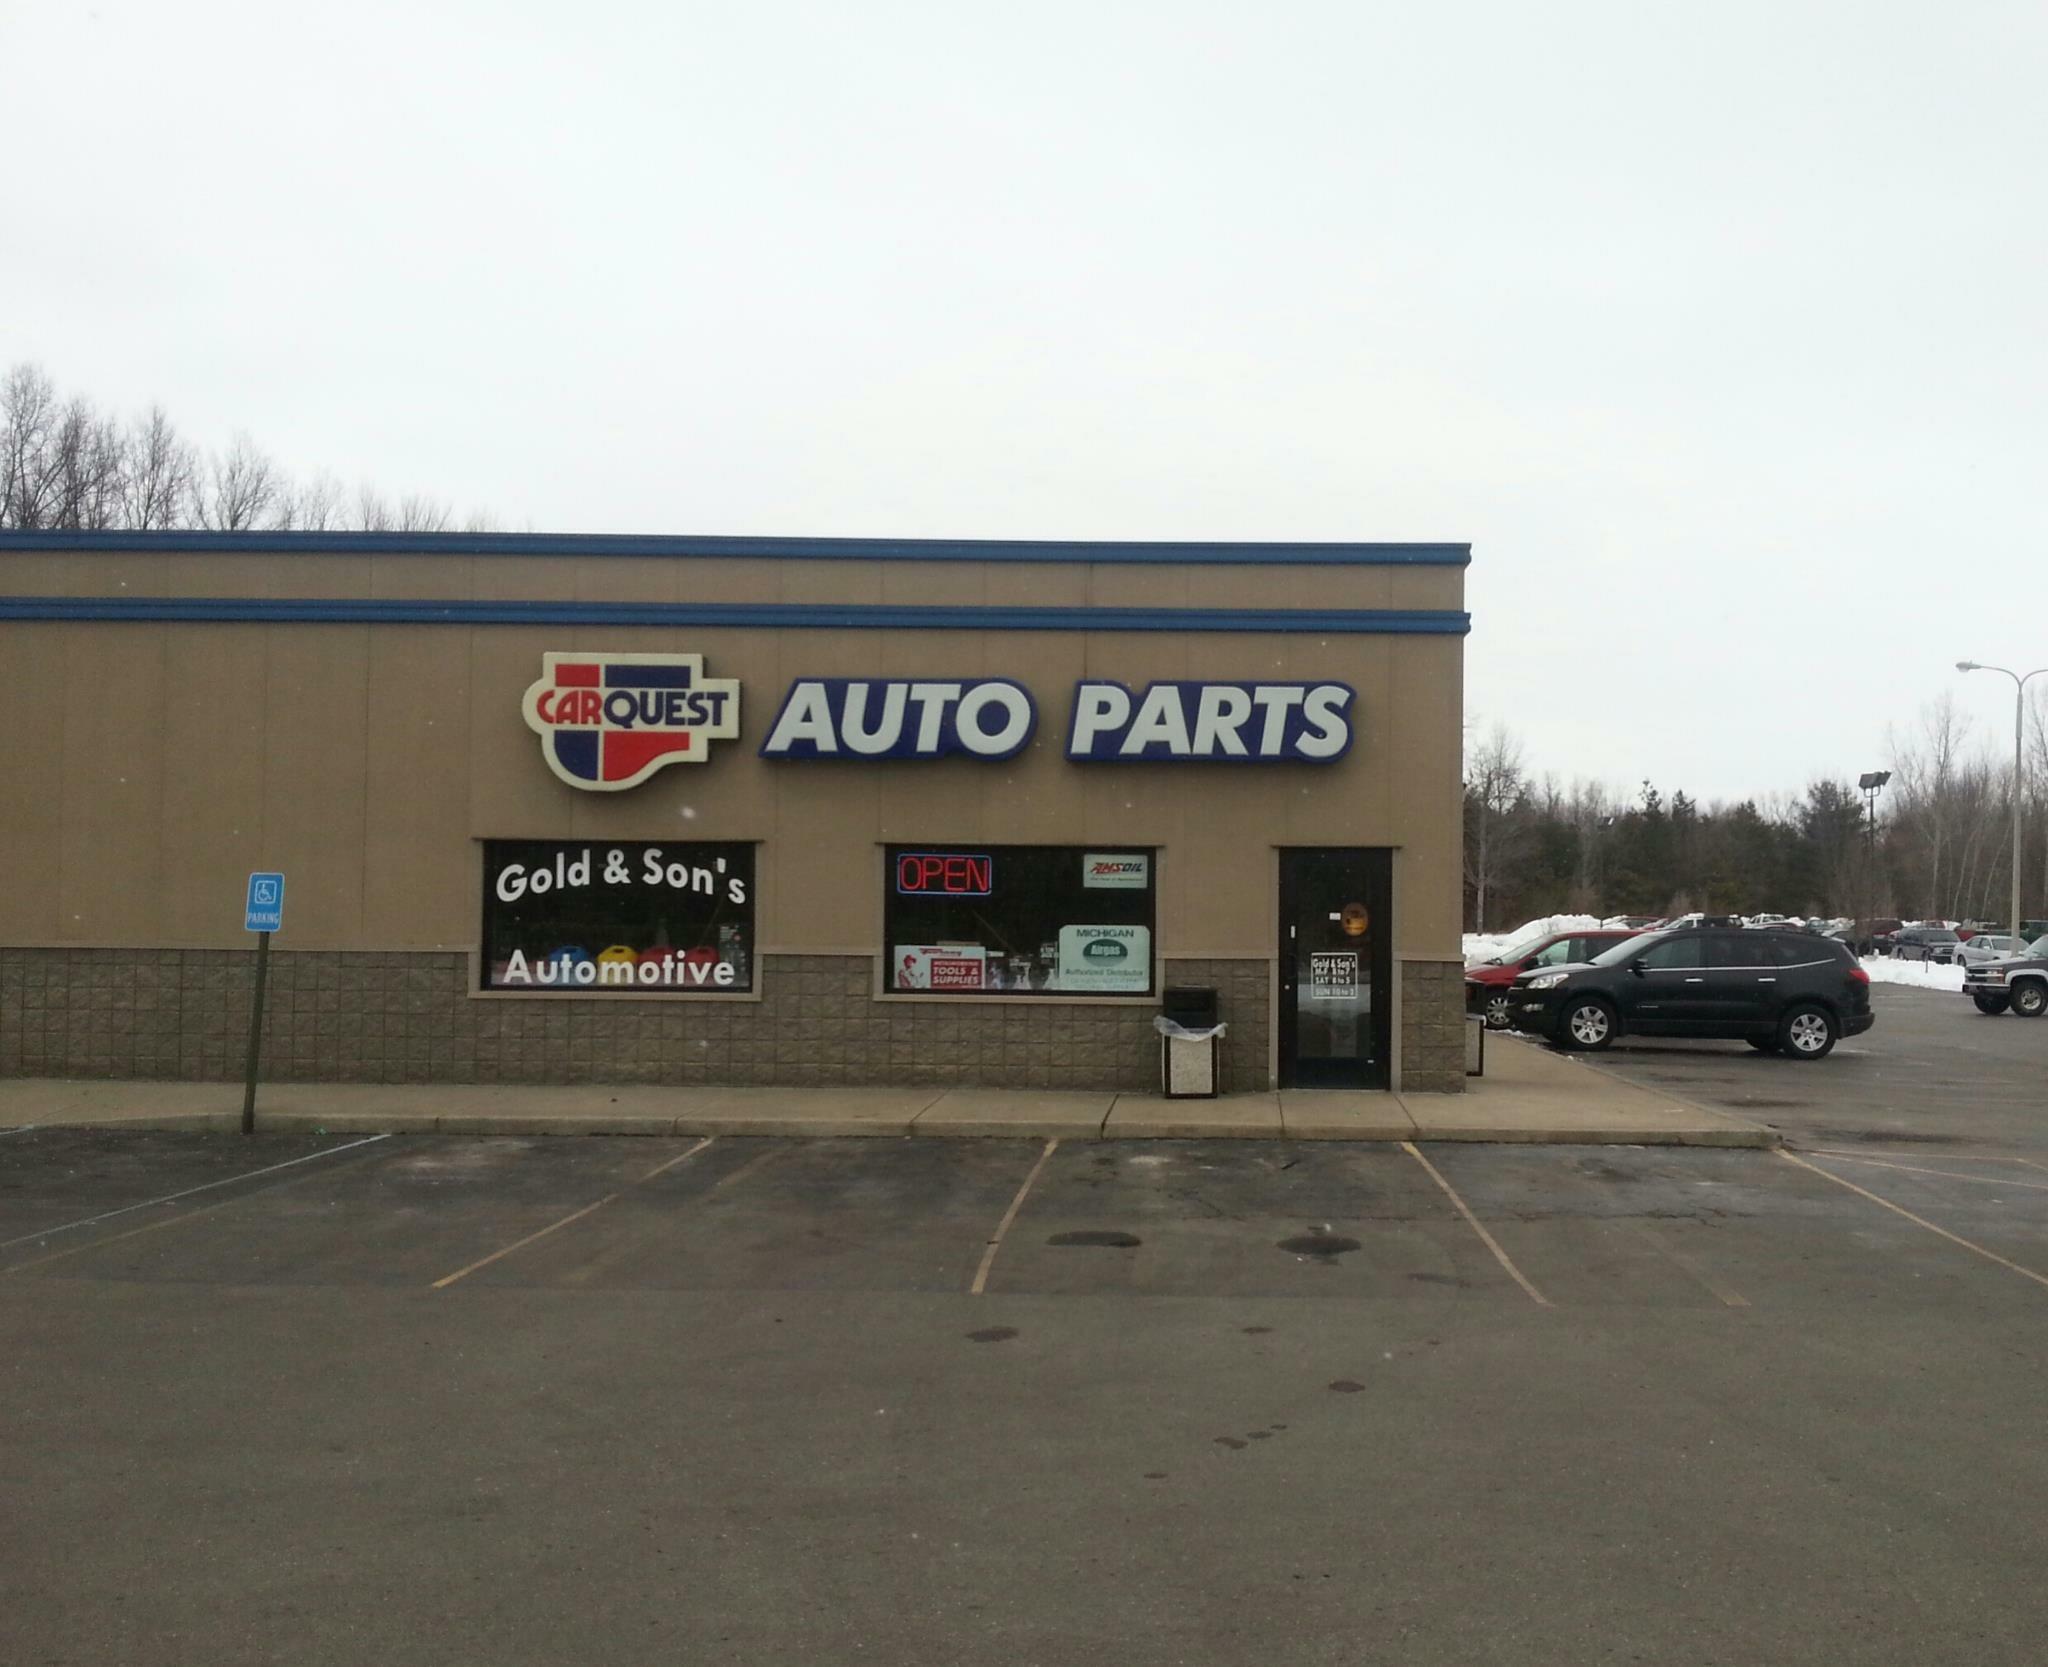 Carquest Auto Parts - Gold & Sons Automotive image 1